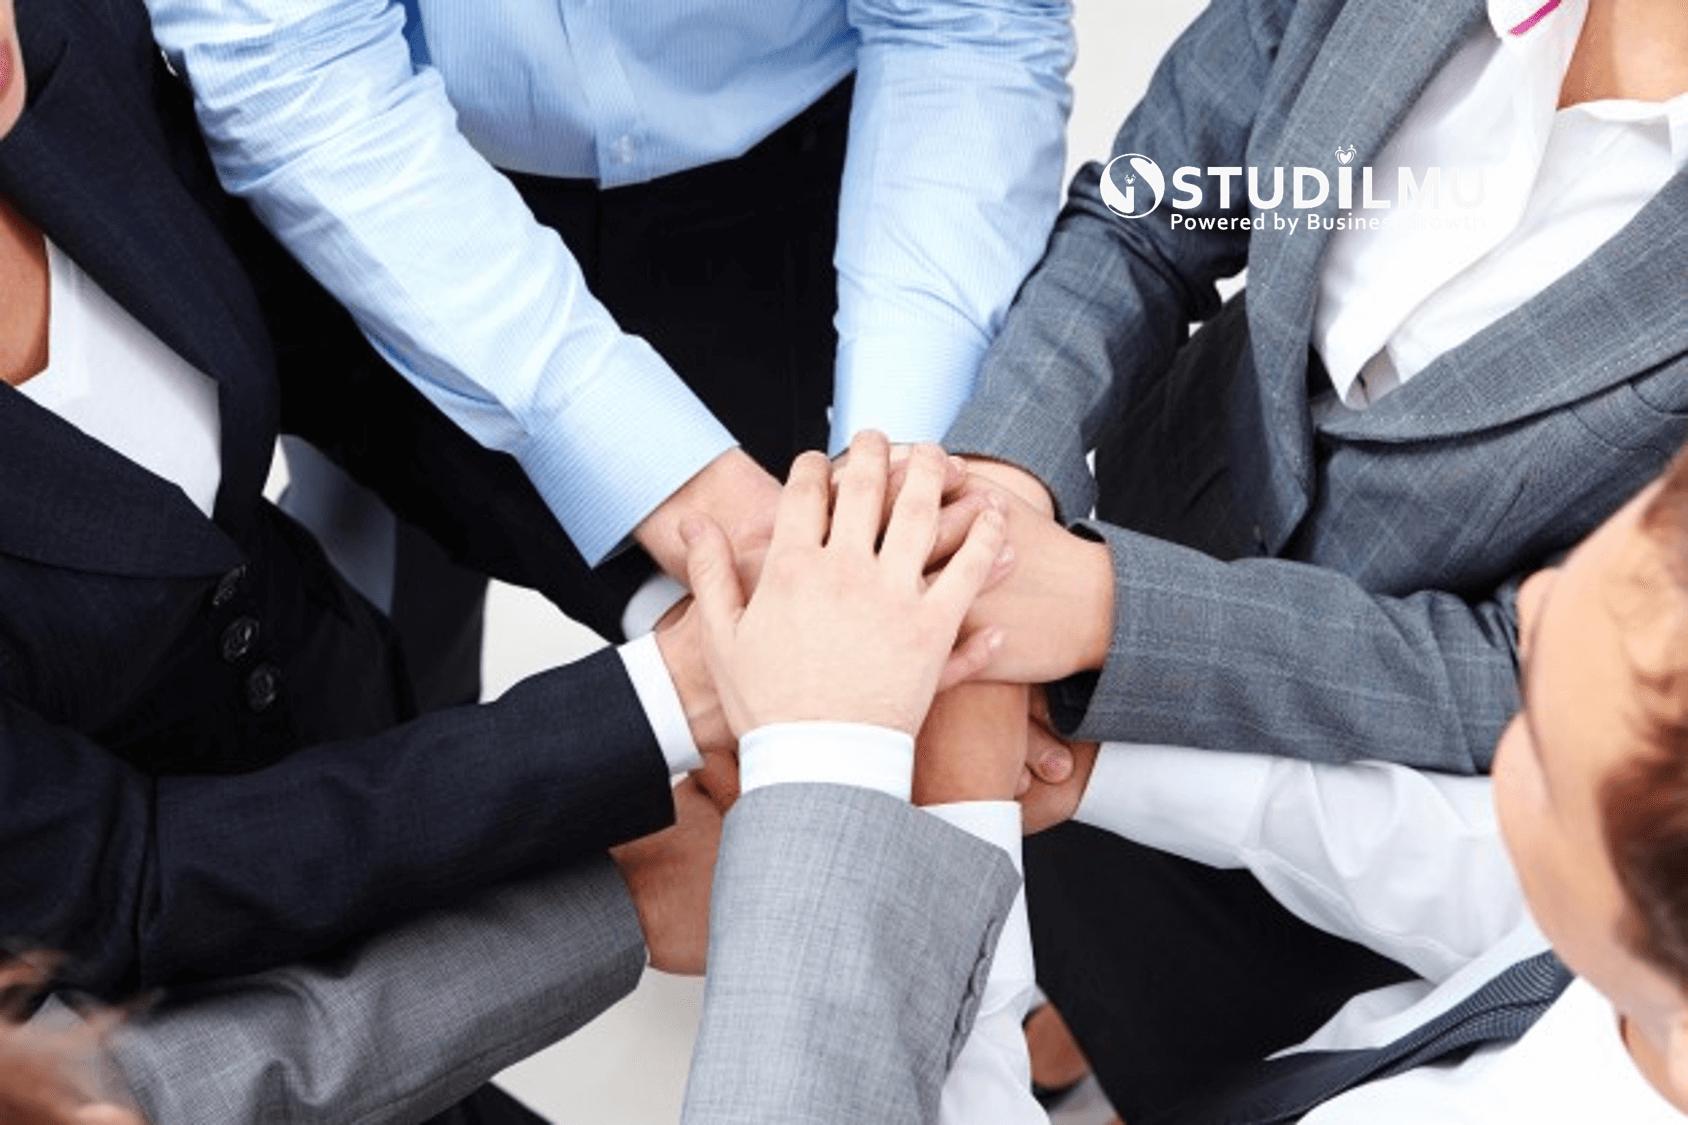 STUDILMU Career Advice - Integritas: Pengertian, Contoh, Kebiasaan dan Cara Membentuknya